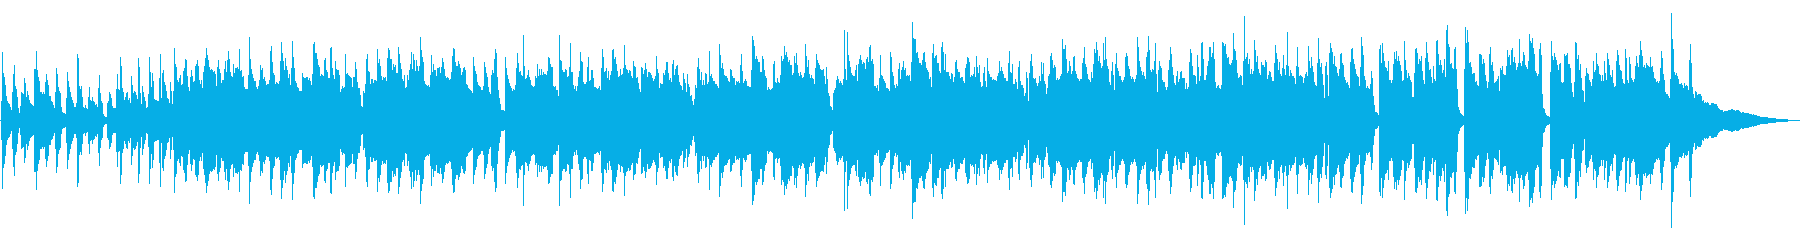 リラックス出来るクラリネットのスイングの再生済みの波形